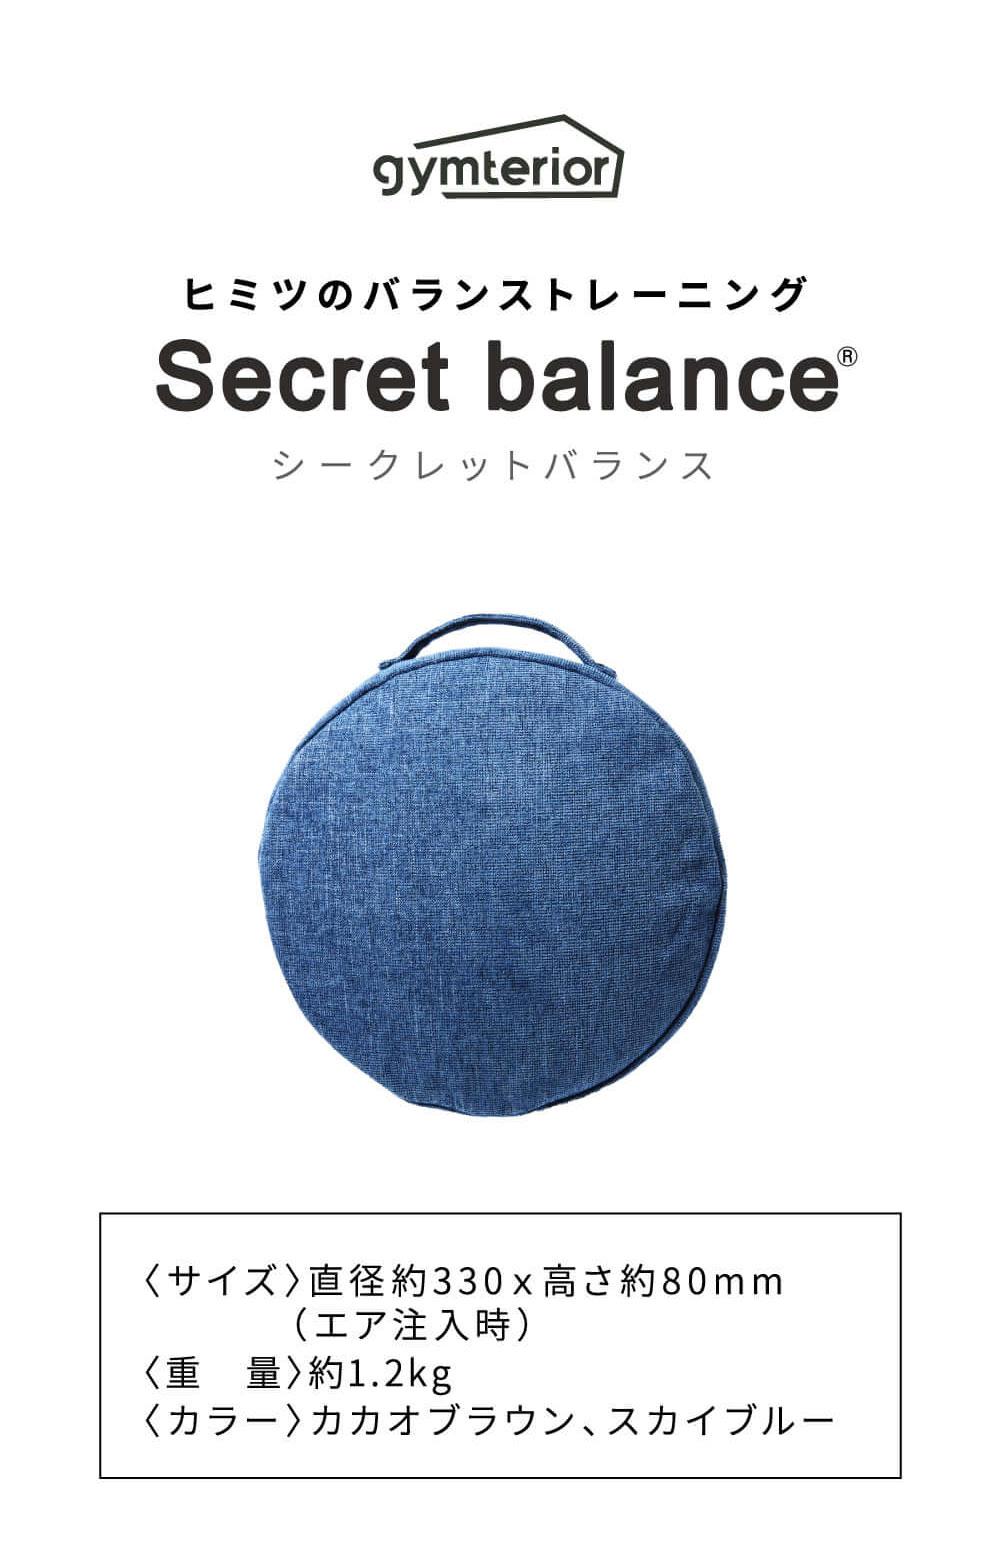 シークレットバランス商品詳細